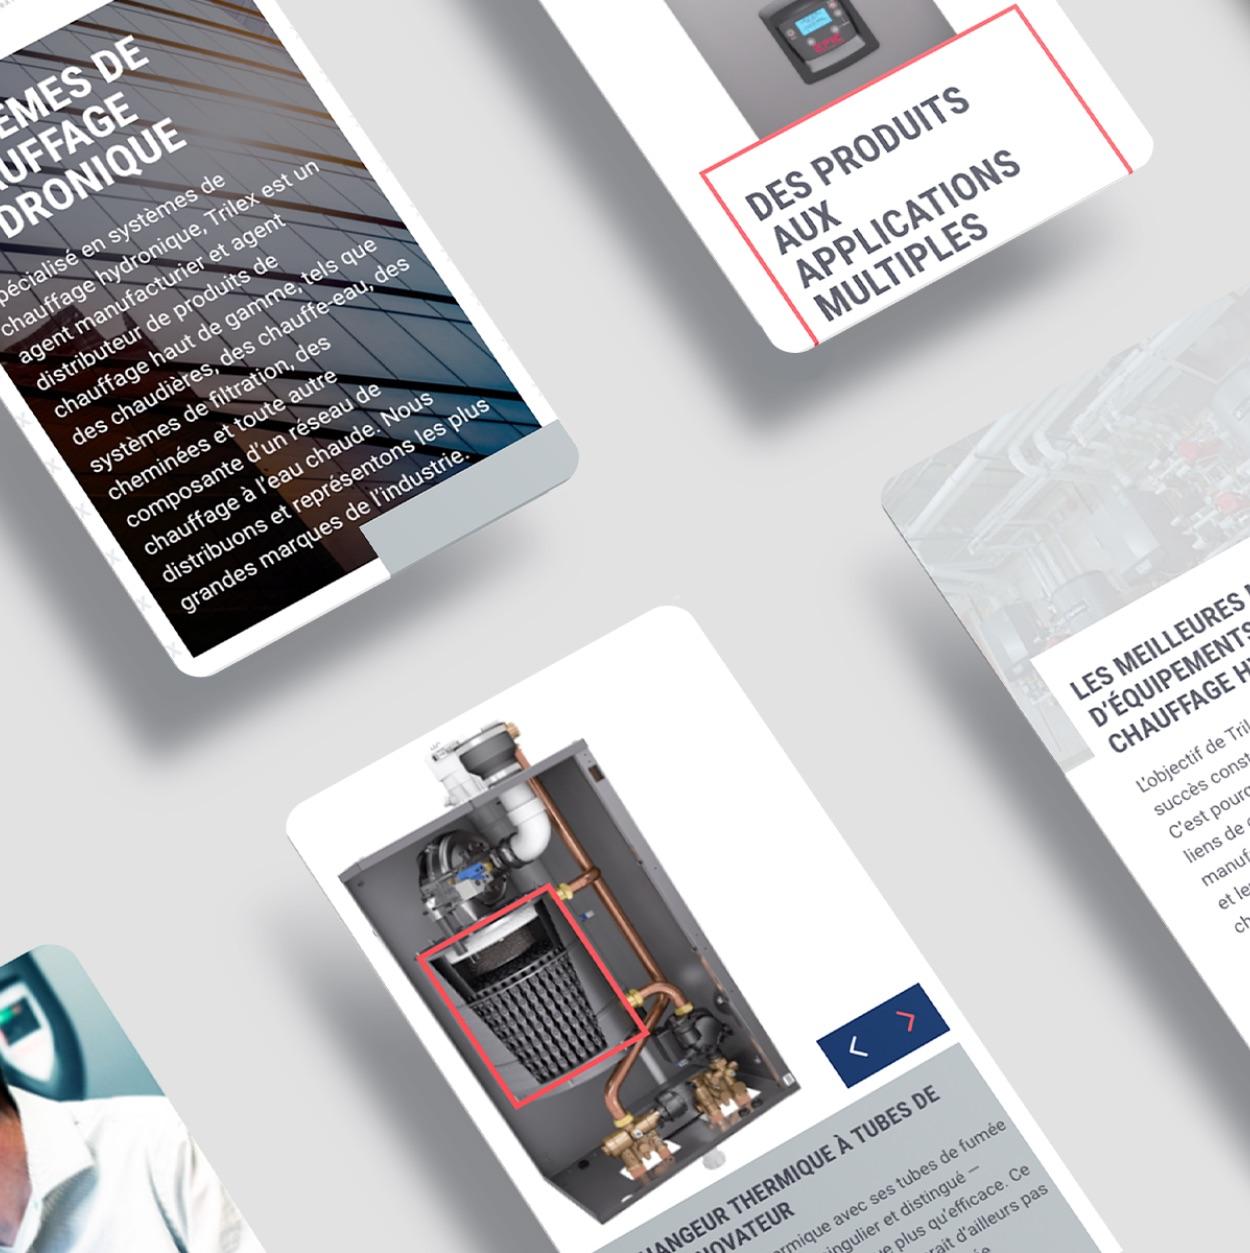 Stratégie responsive | Affichage réactif | Design Web | RWD